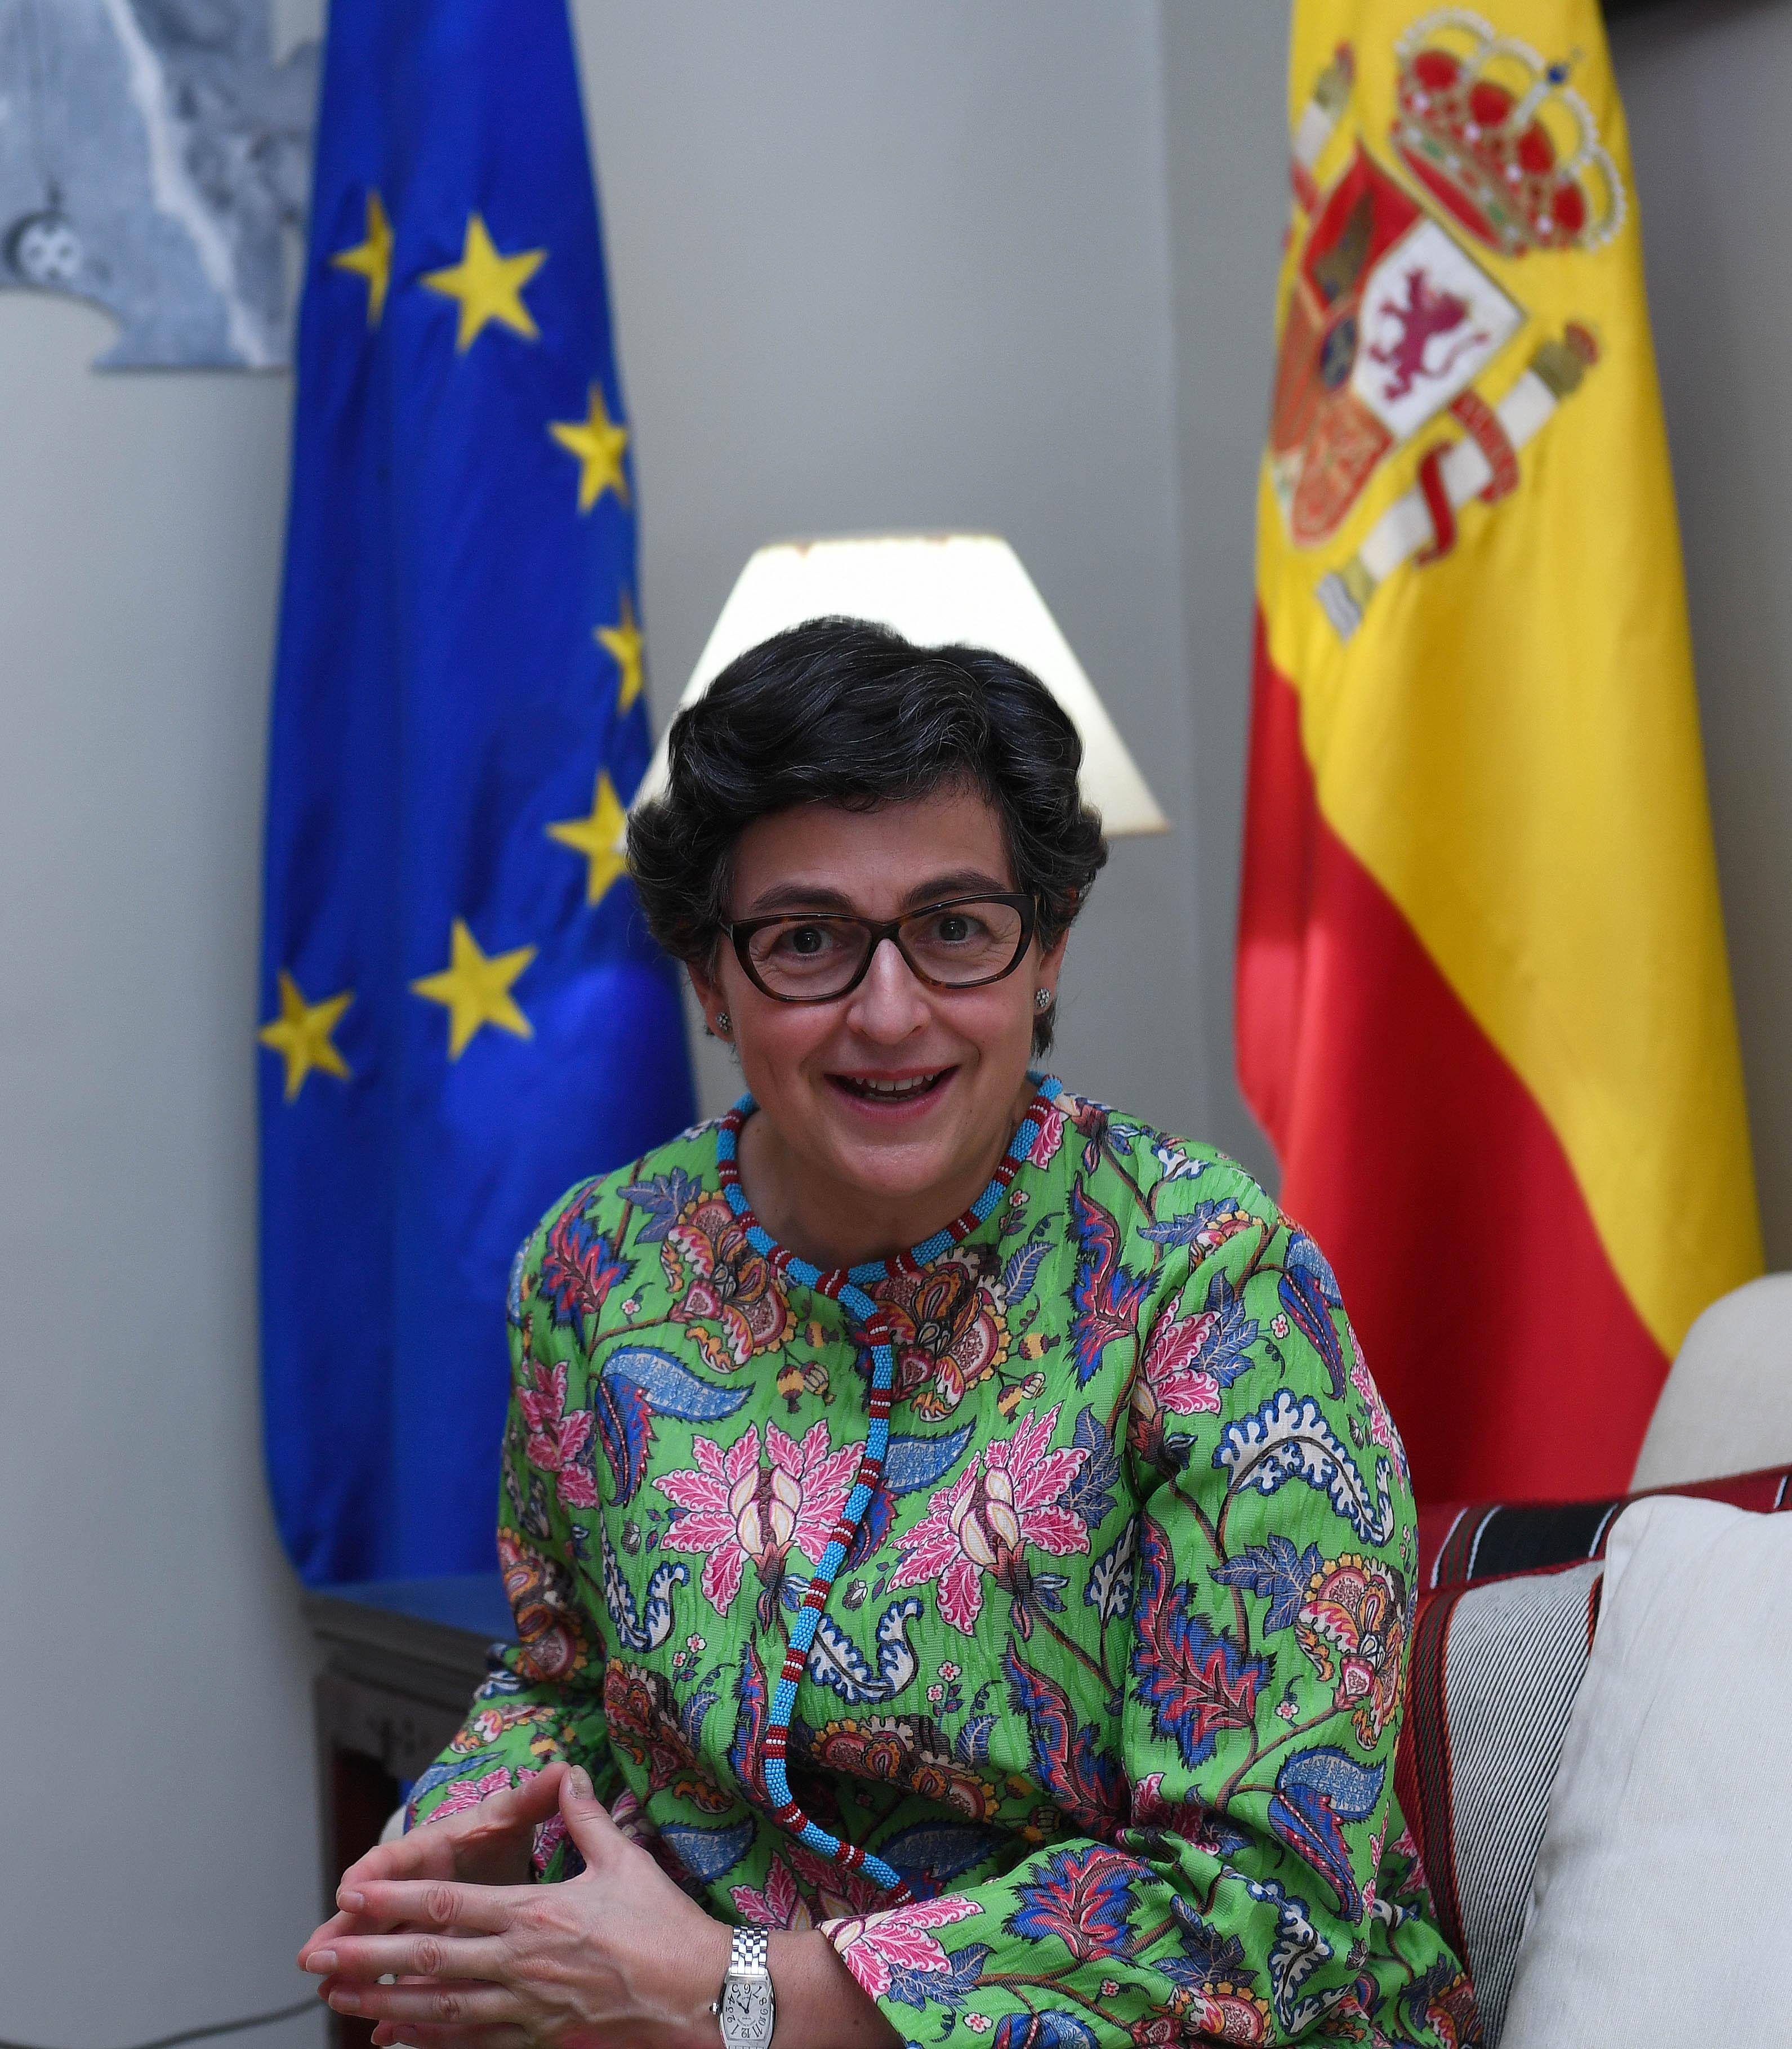 مع معالي وزيرة الشؤون الخارجيه والاتحاد الاوربي بمملكة أسبانيا ٧-٢-٢٠٢١-12.jpg